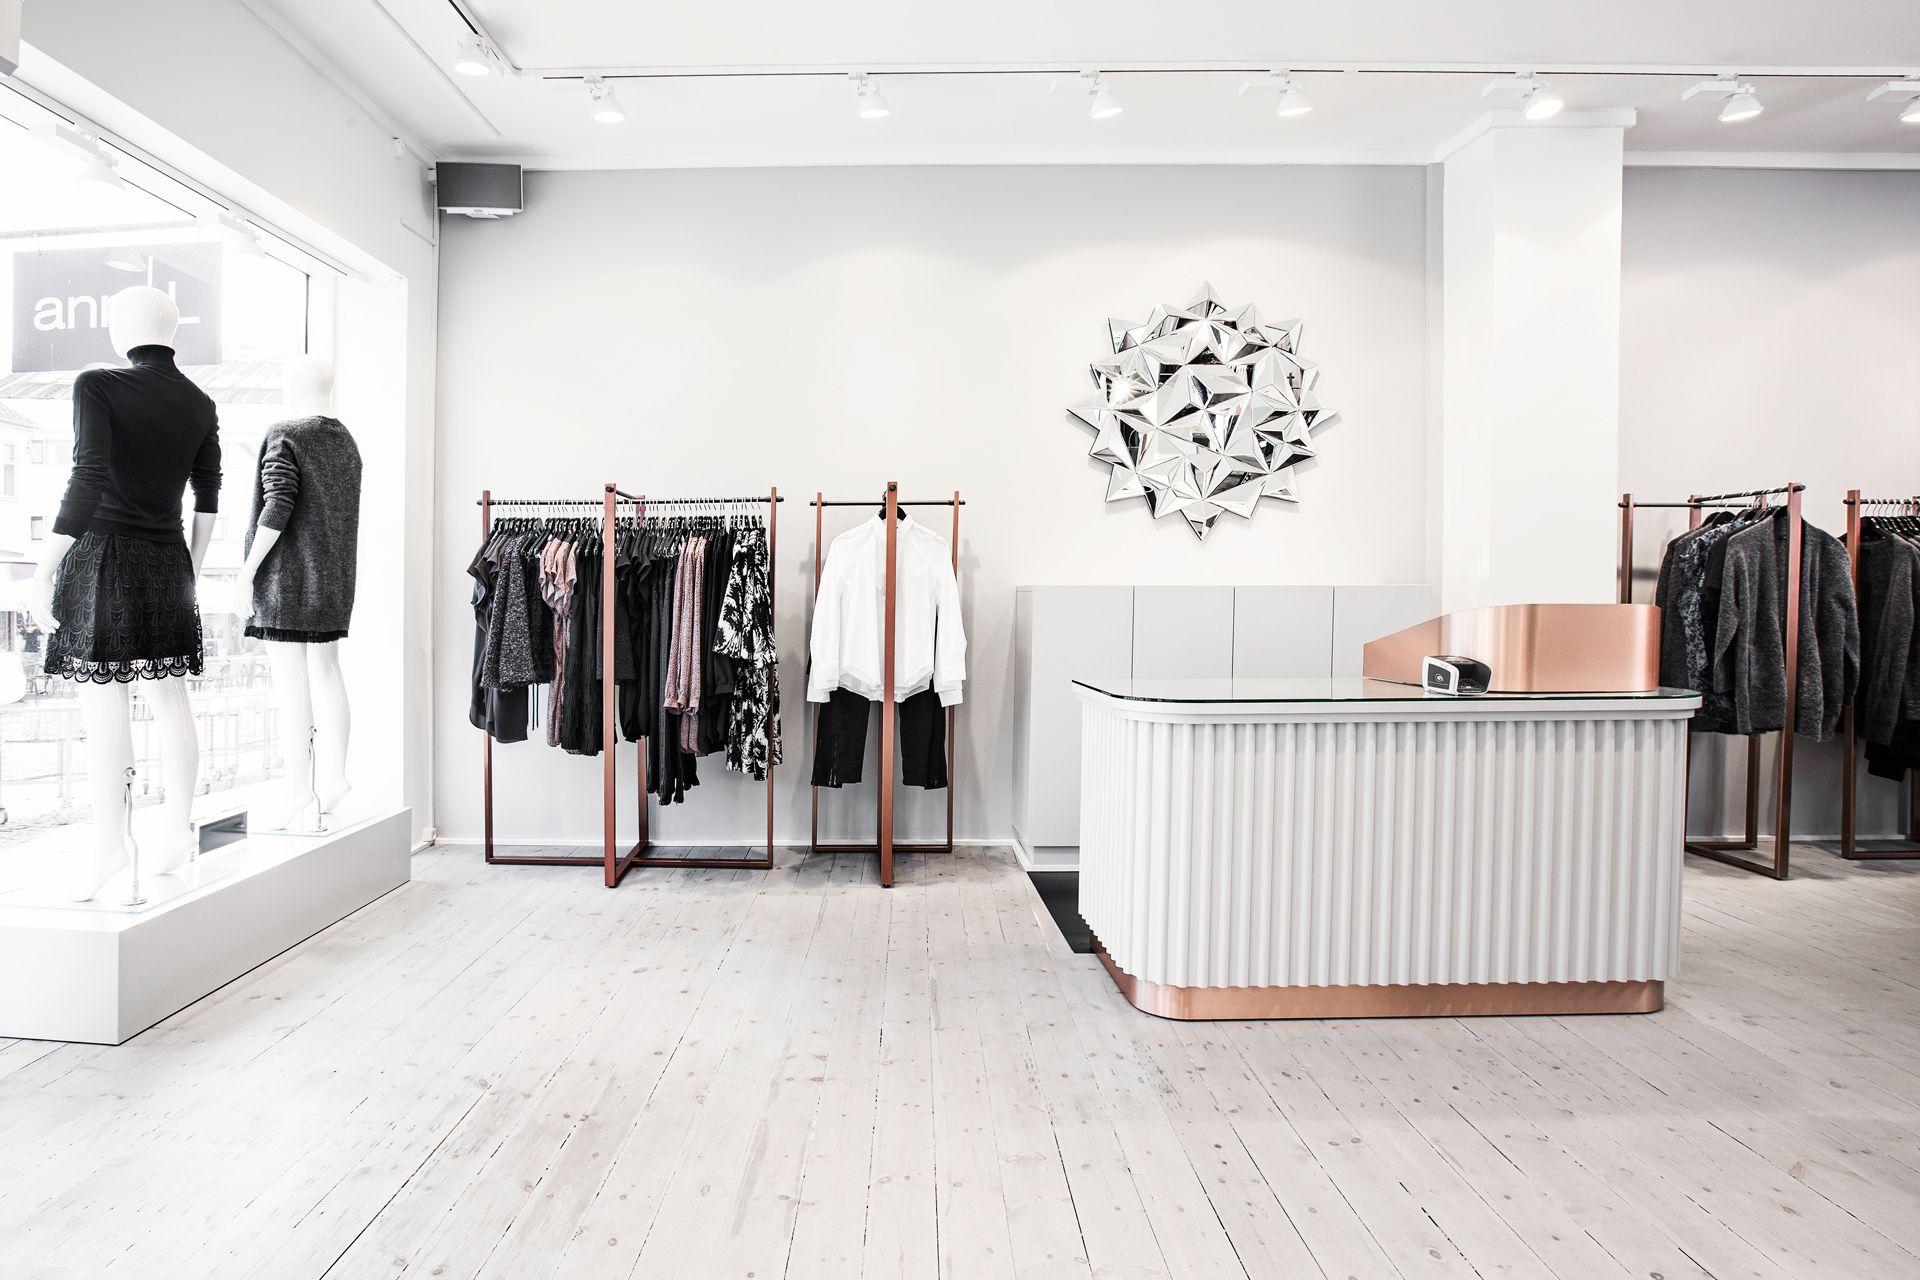 Ann-Lin Holbæk, Danemark.Les éléments blancs dominent la décoration intérieure, et l'espace privatisé, autour du magasin, permet au client de respirer et de profiter au mieux de sa séance de shopping.